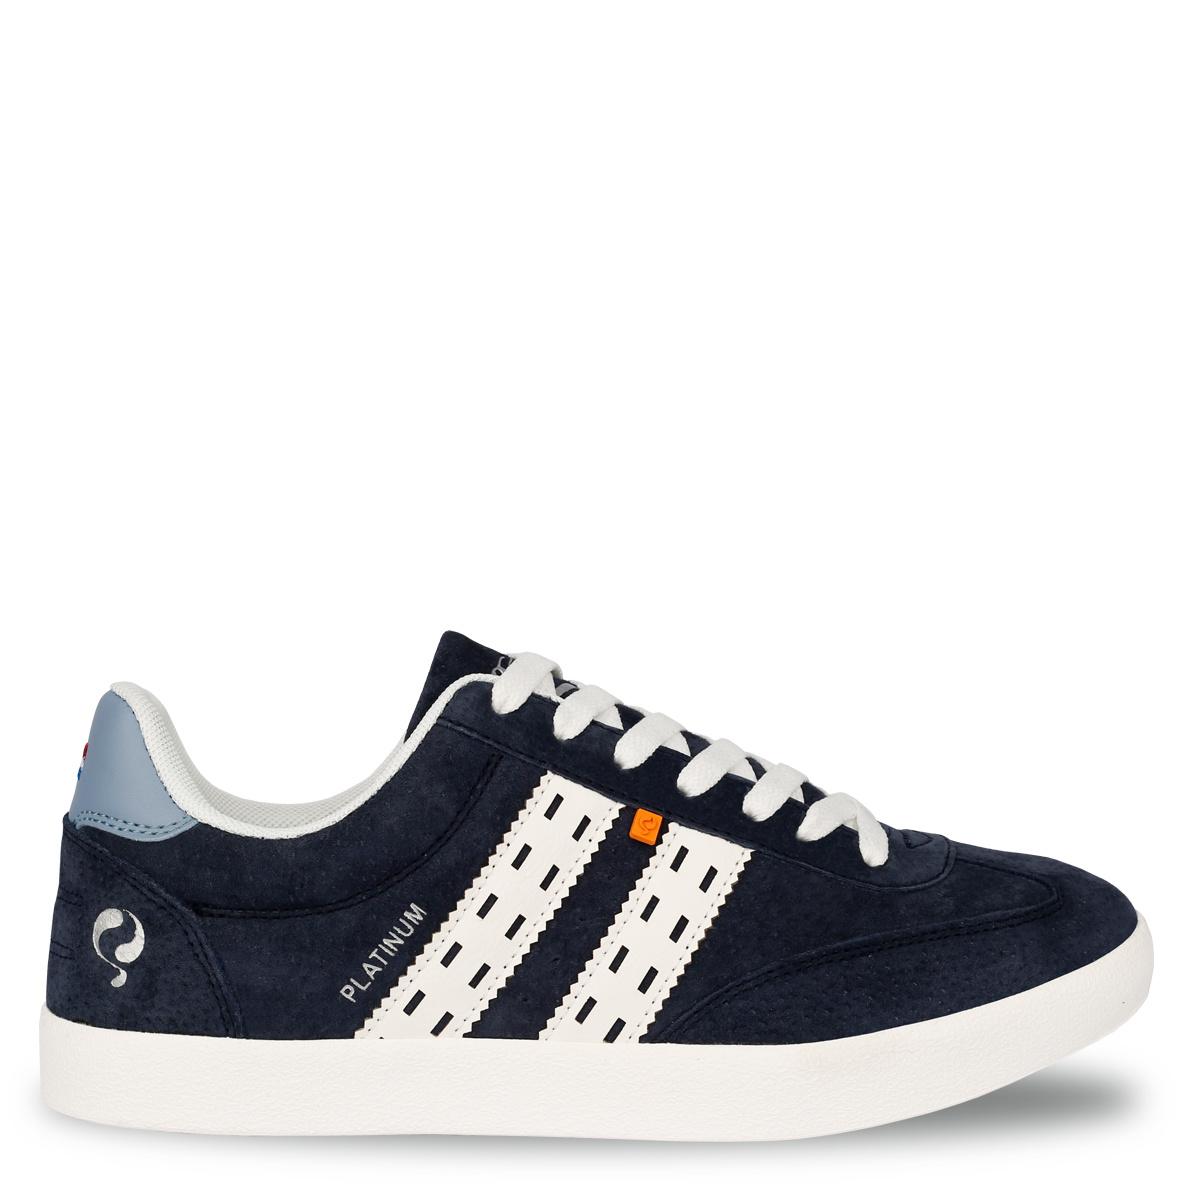 Heren Sneaker Platinum - Donkerblauw/Wit/Lichtblauw